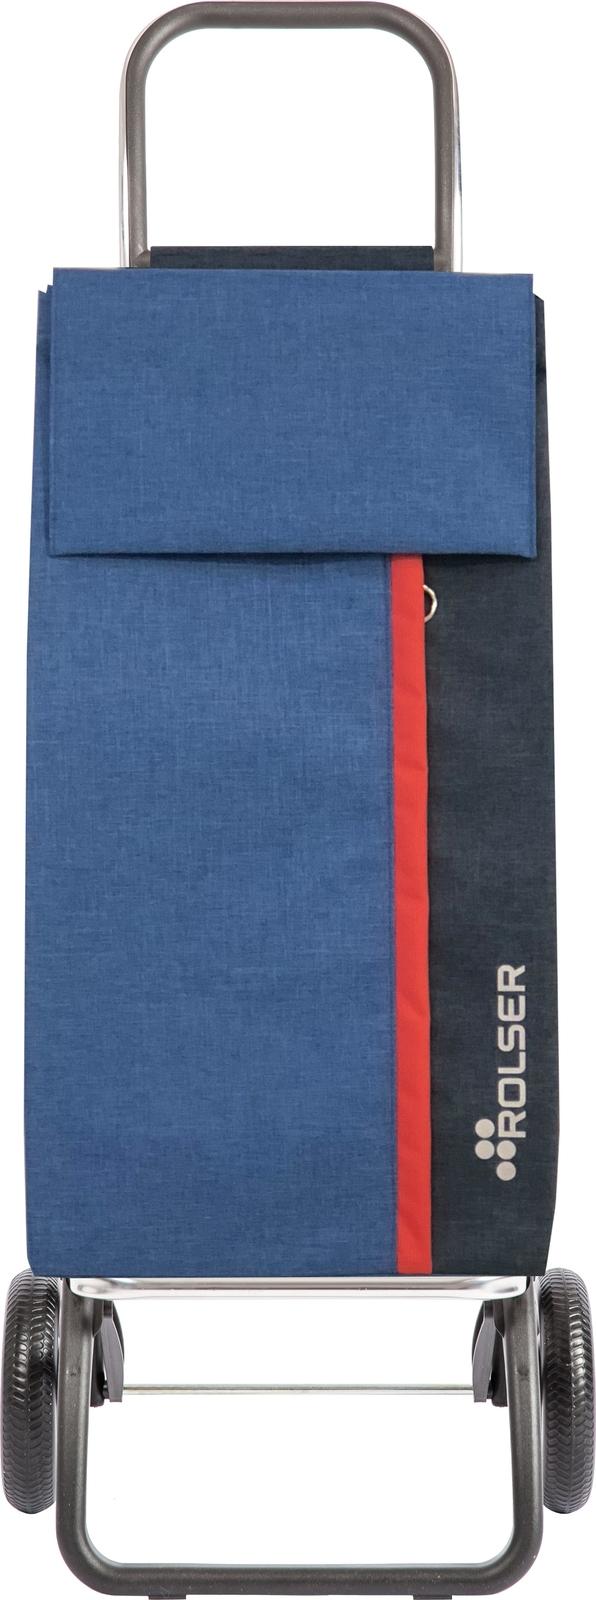 Фото - Сумка-тележка Rolser Convert RG, цвет: синий, 40 л. KAN001 сумка тележка rolser dos 2 цвет синий 48 л pac035